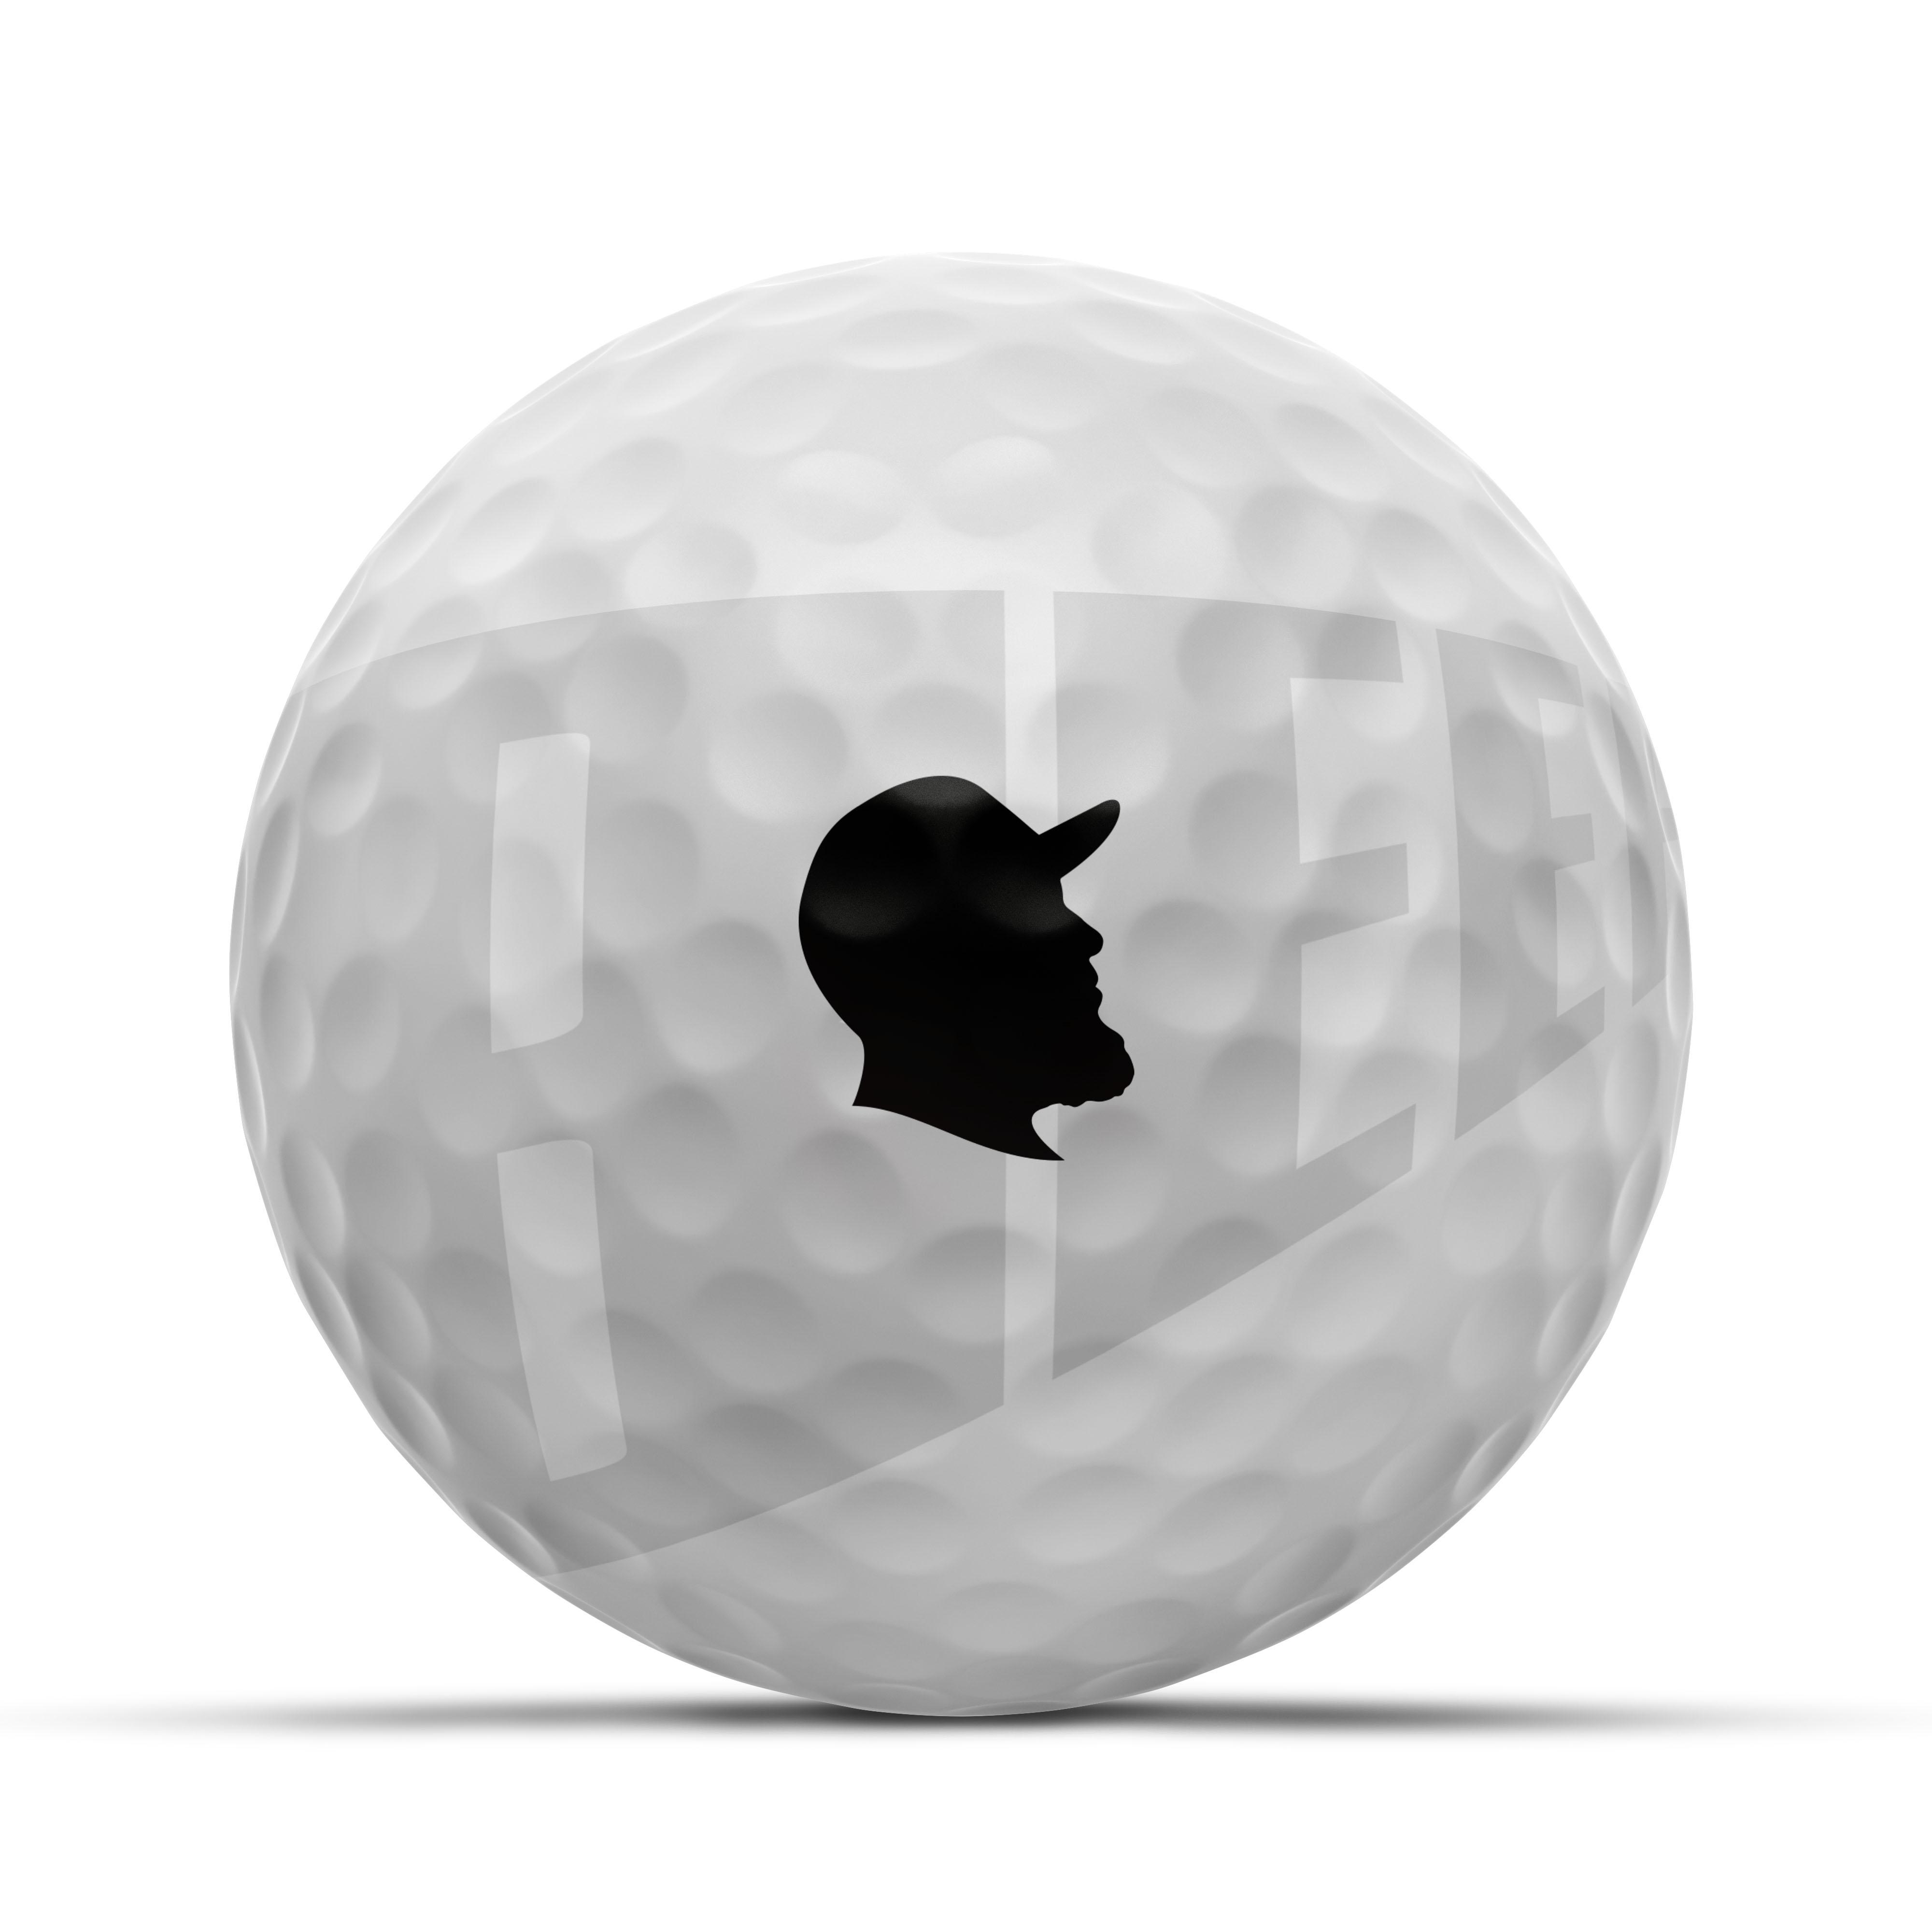 Beef golf ball